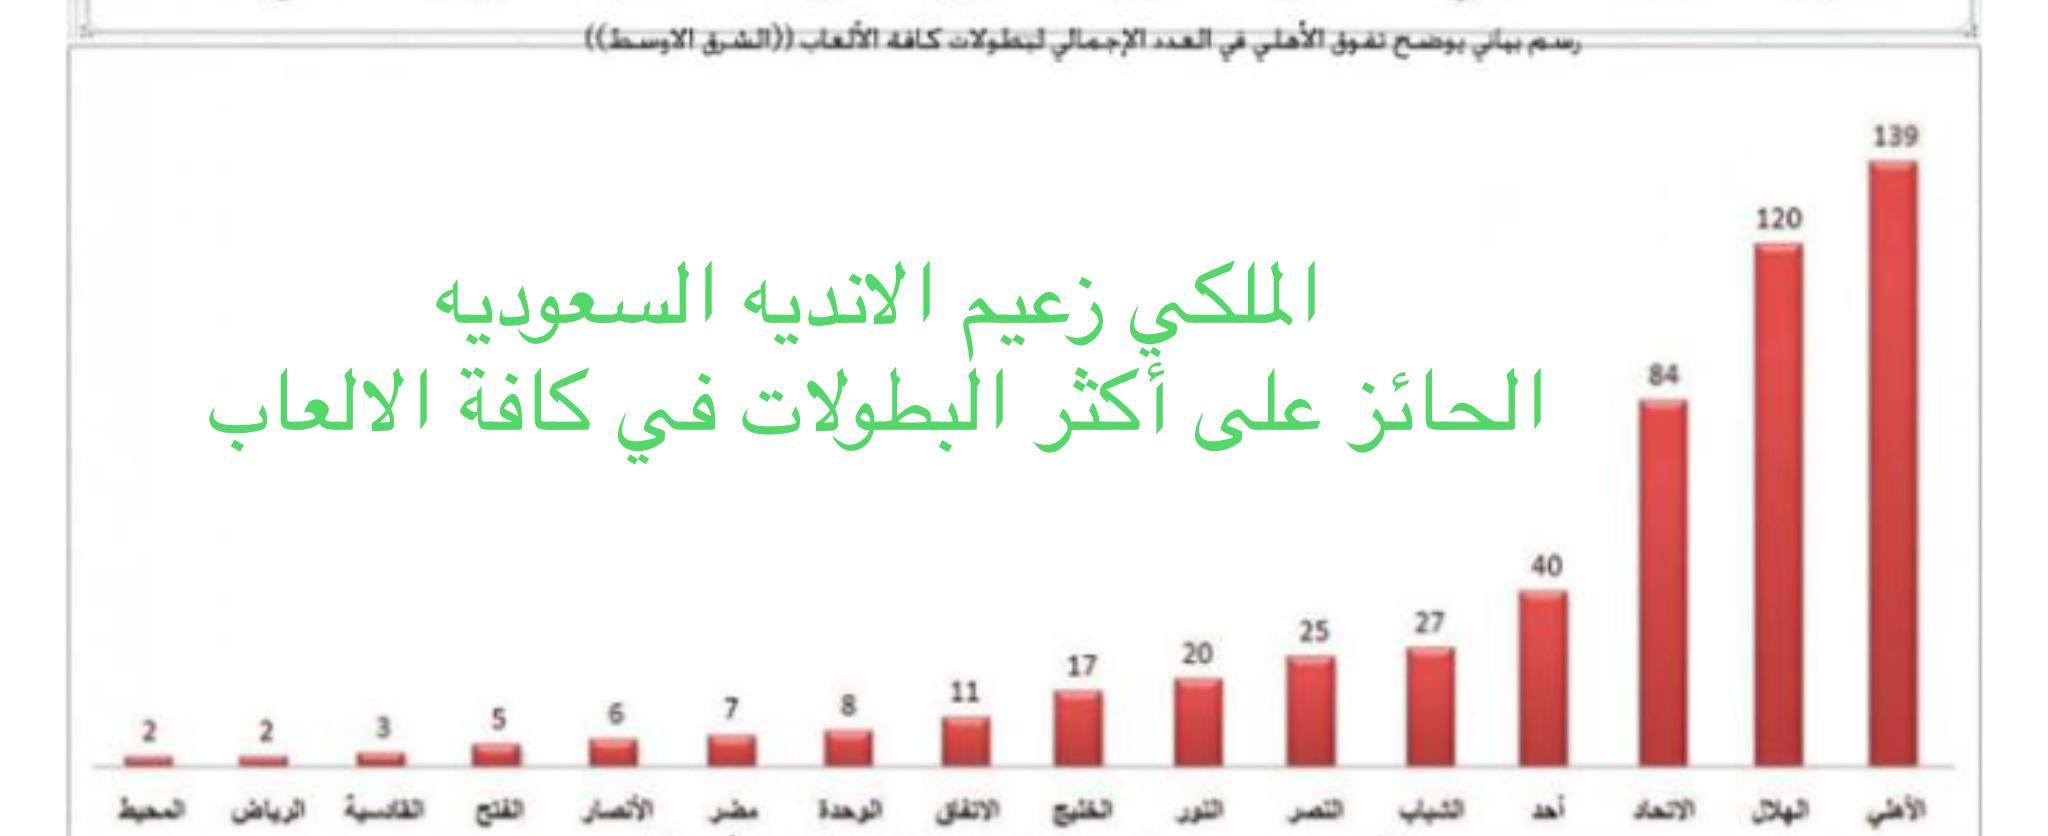 رد: رابطة جماهيـ ( الملـــكي ) ــير قلعة الكؤوس النادي الأهلي